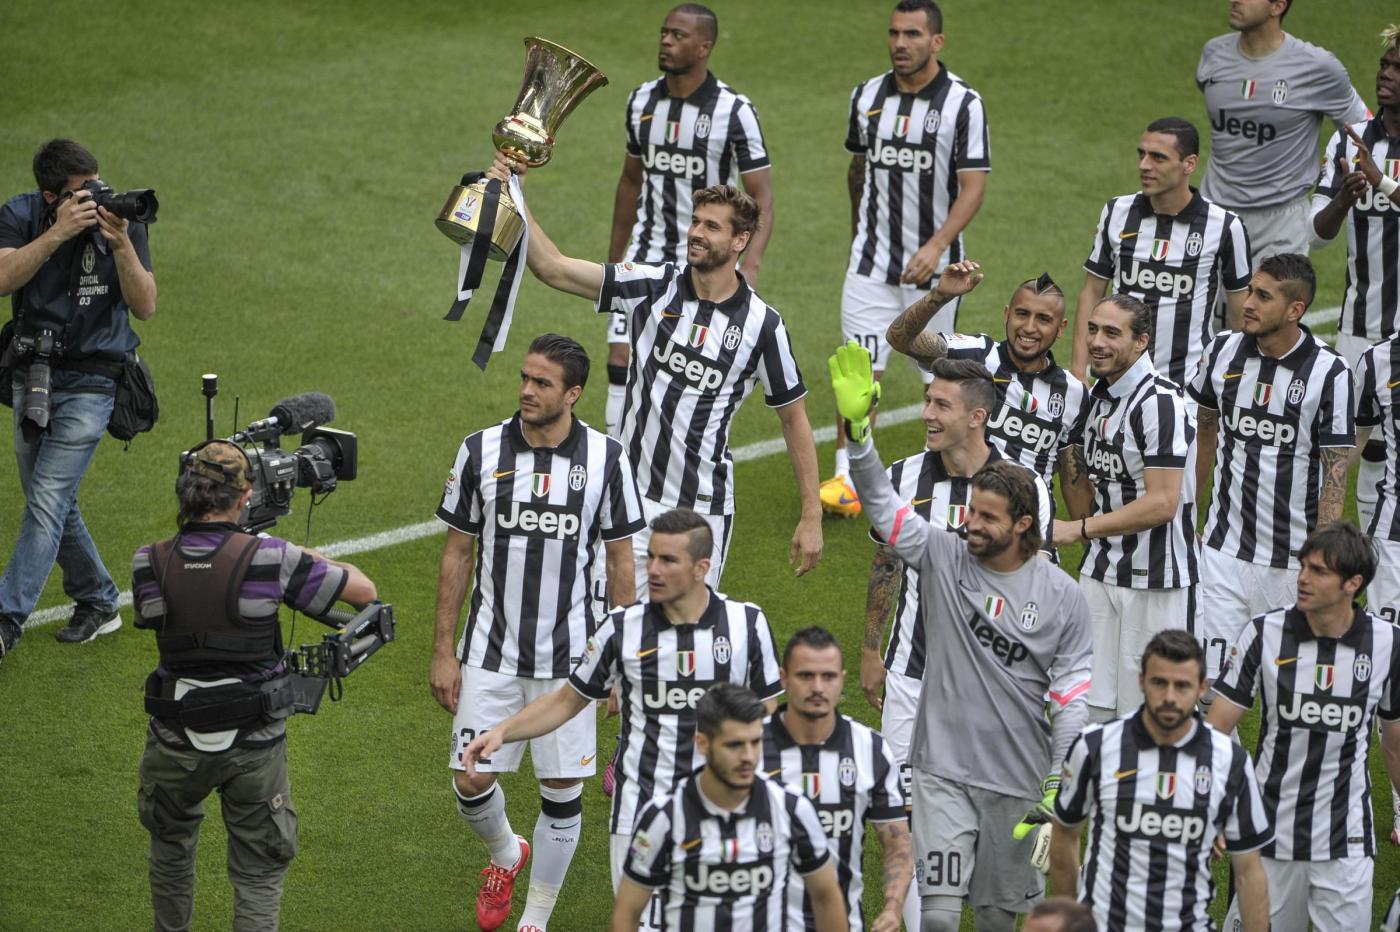 Calciomercato Juve Live Tutte Le Trattative In Tempo Reale